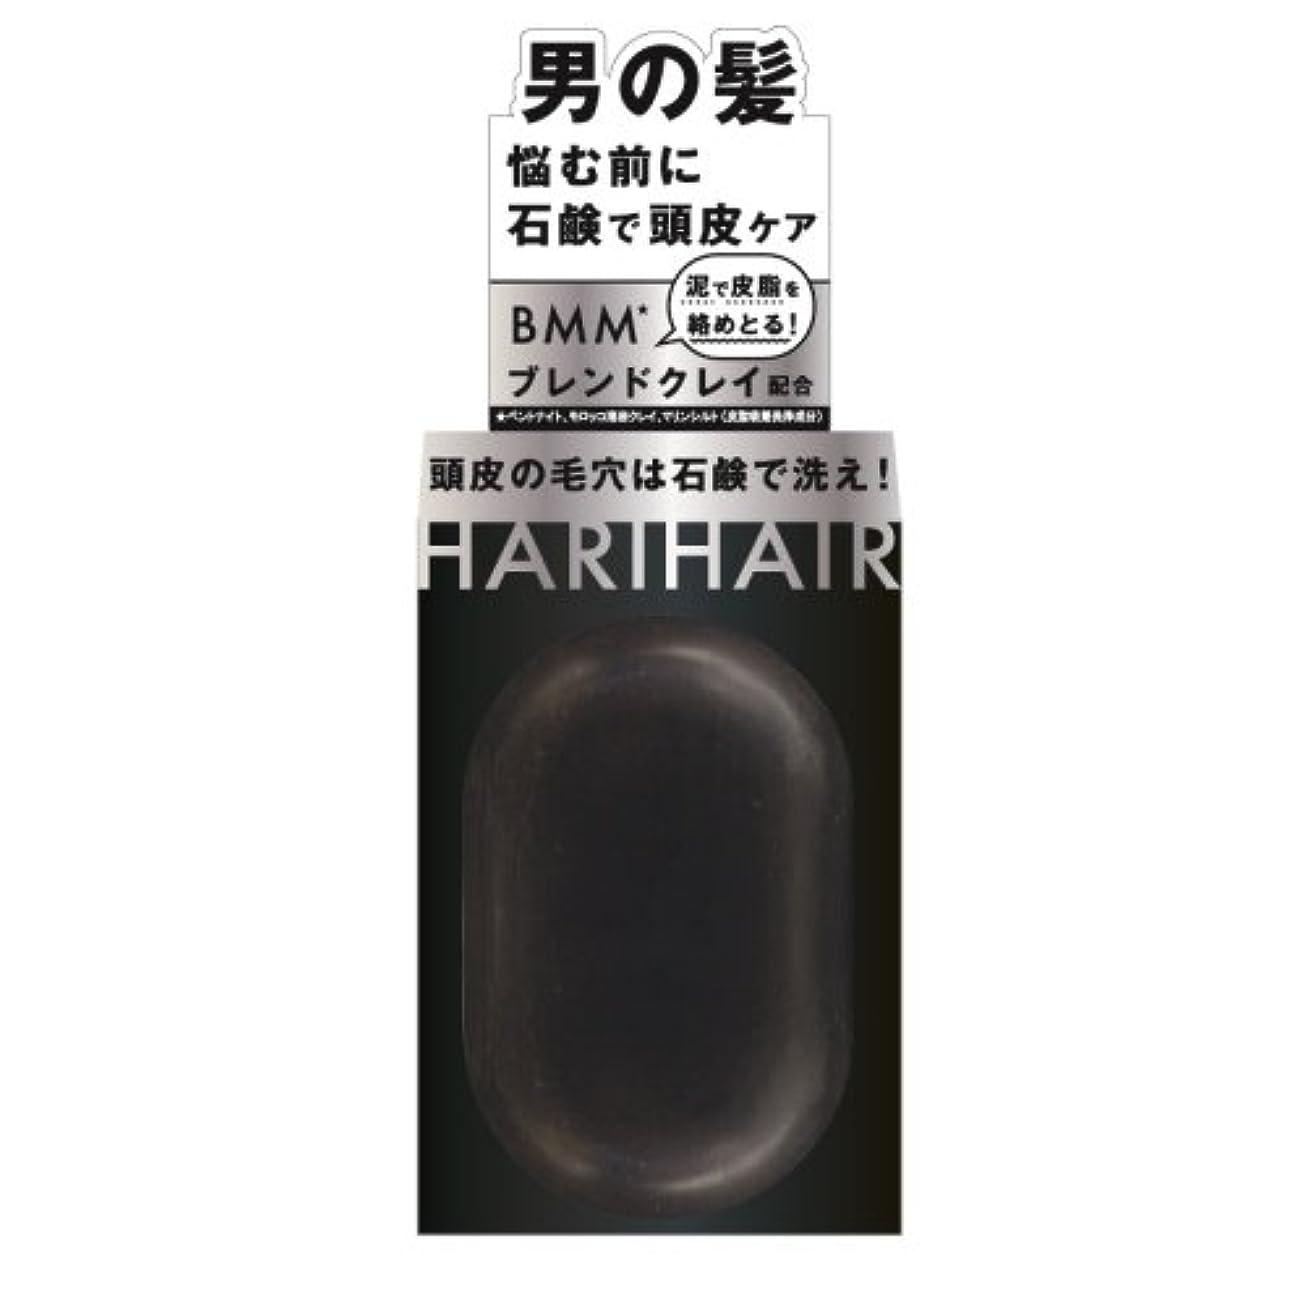 定刻豊かにする独立したペリカン石鹸 ハリヘア 固形シャンプー 100g